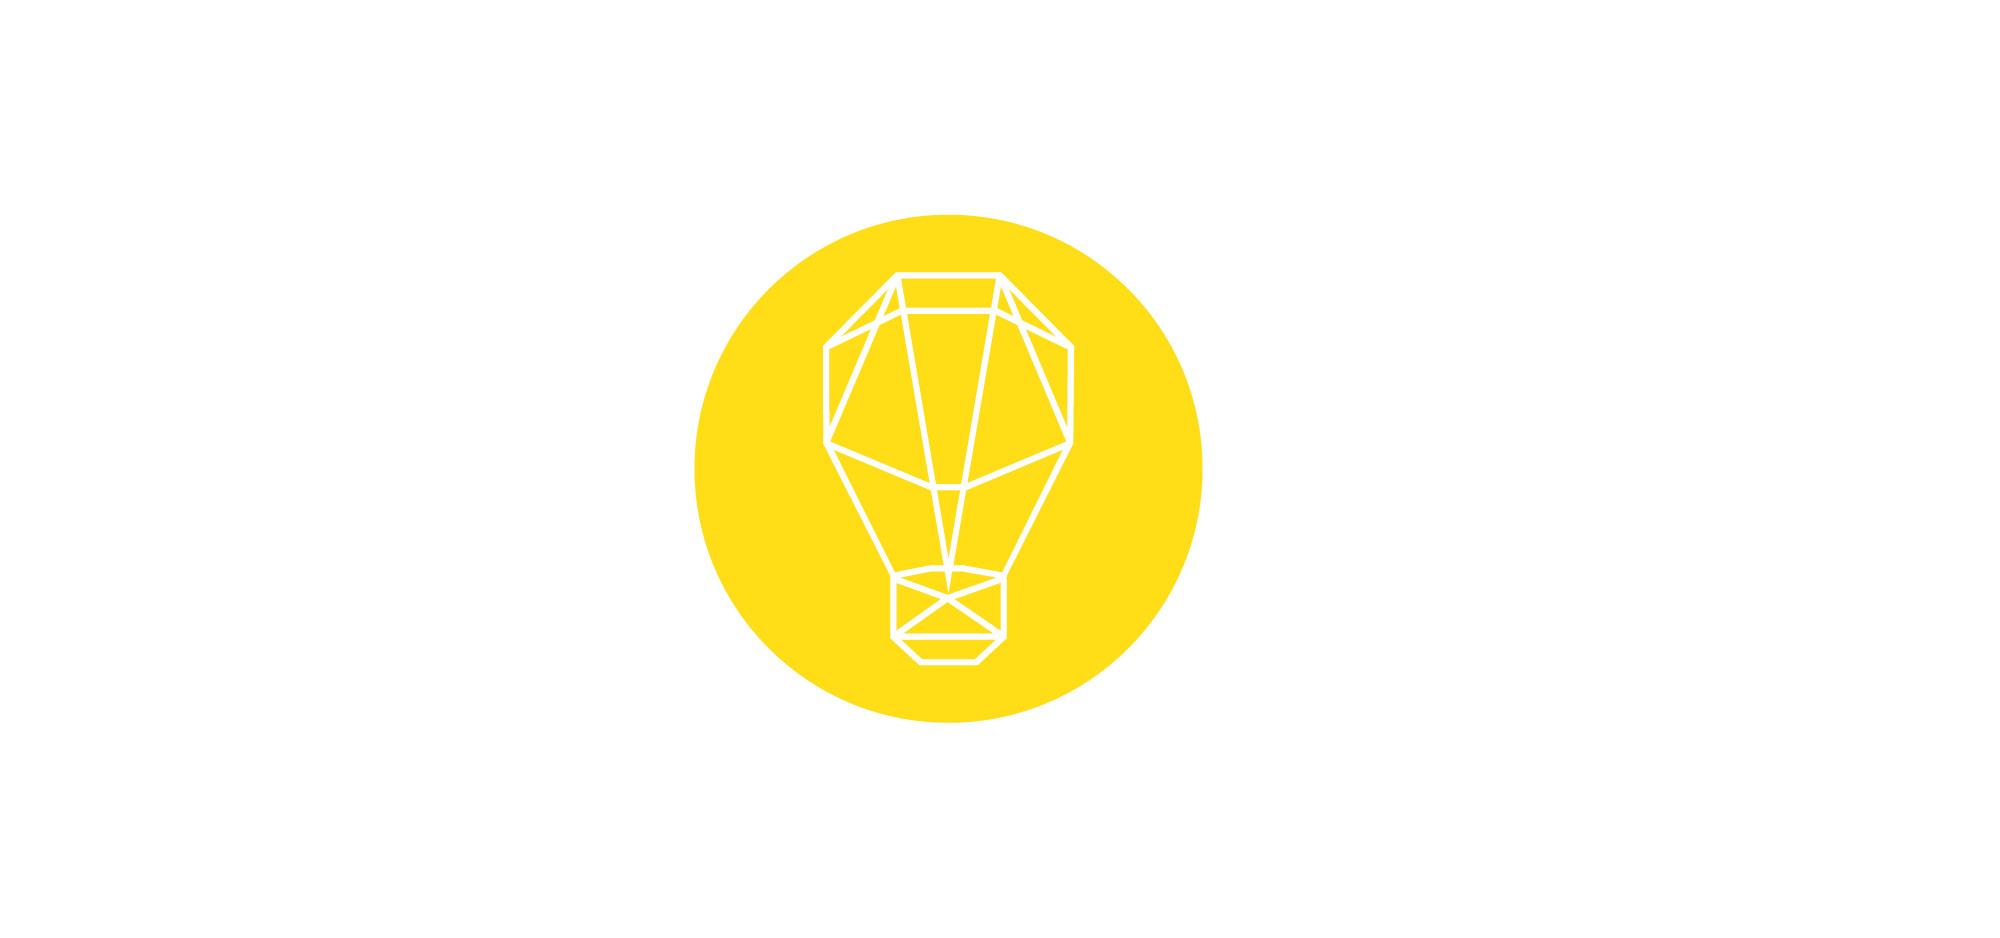 logo_design_mornington_sn_electrical4